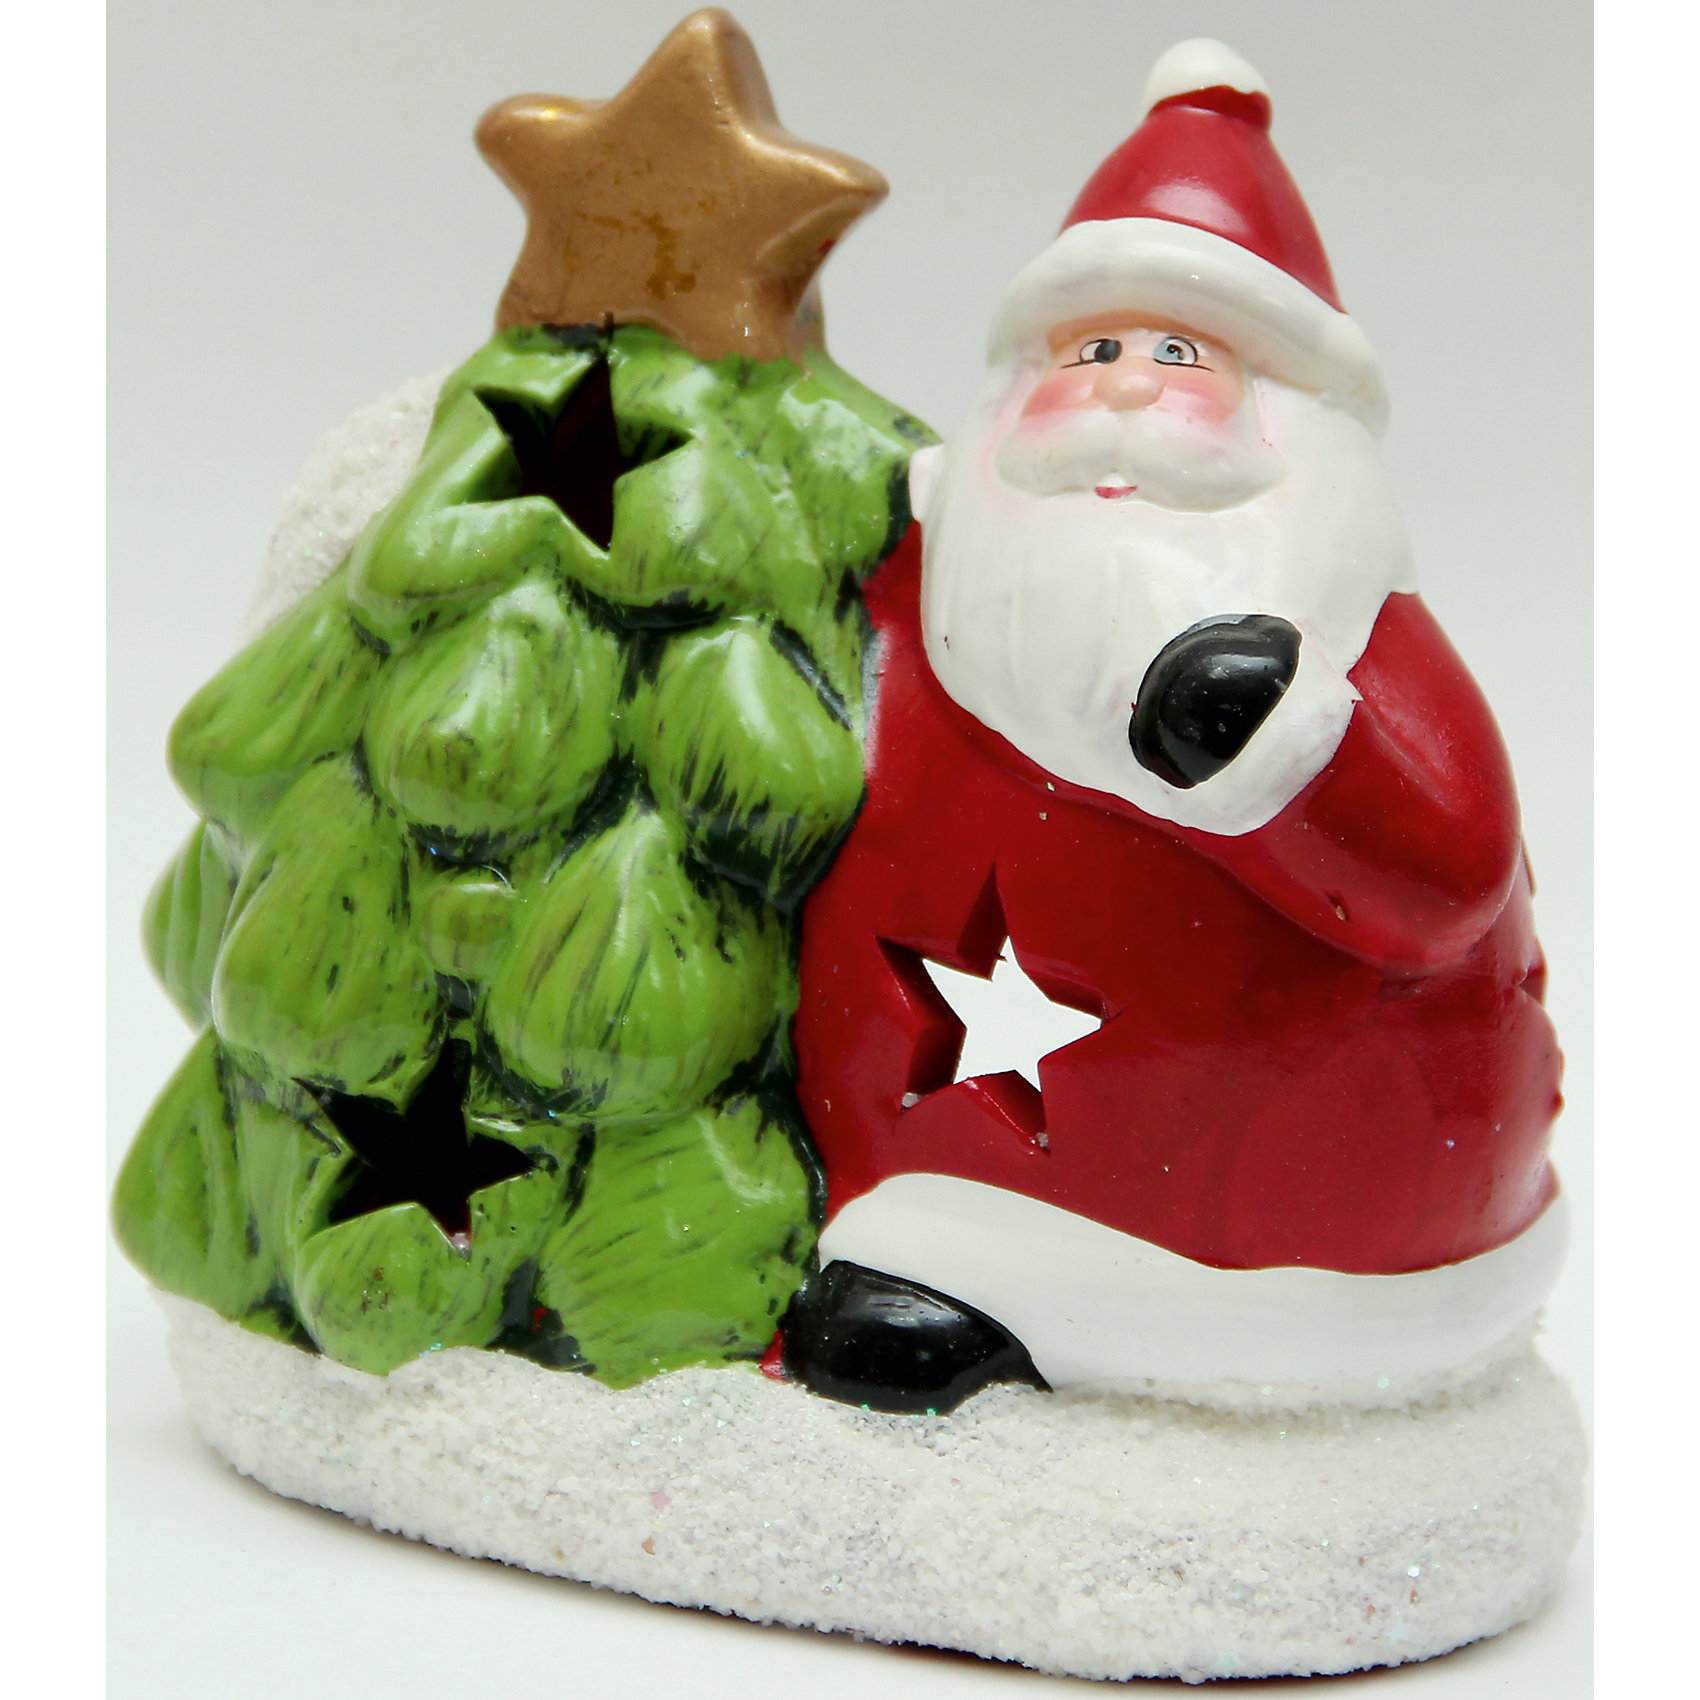 Подсвечник из керамики Дед Мороз с елочкой 12,5*7*14 смНовогодние свечи и подсвечники<br>Новогодний подсвечник из керамики Дед Мороз с елочкой, арт. 26140 (12,5*7*14см)<br><br>Ширина мм: 125<br>Глубина мм: 70<br>Высота мм: 140<br>Вес г: 319<br>Возраст от месяцев: 60<br>Возраст до месяцев: 600<br>Пол: Унисекс<br>Возраст: Детский<br>SKU: 5144597